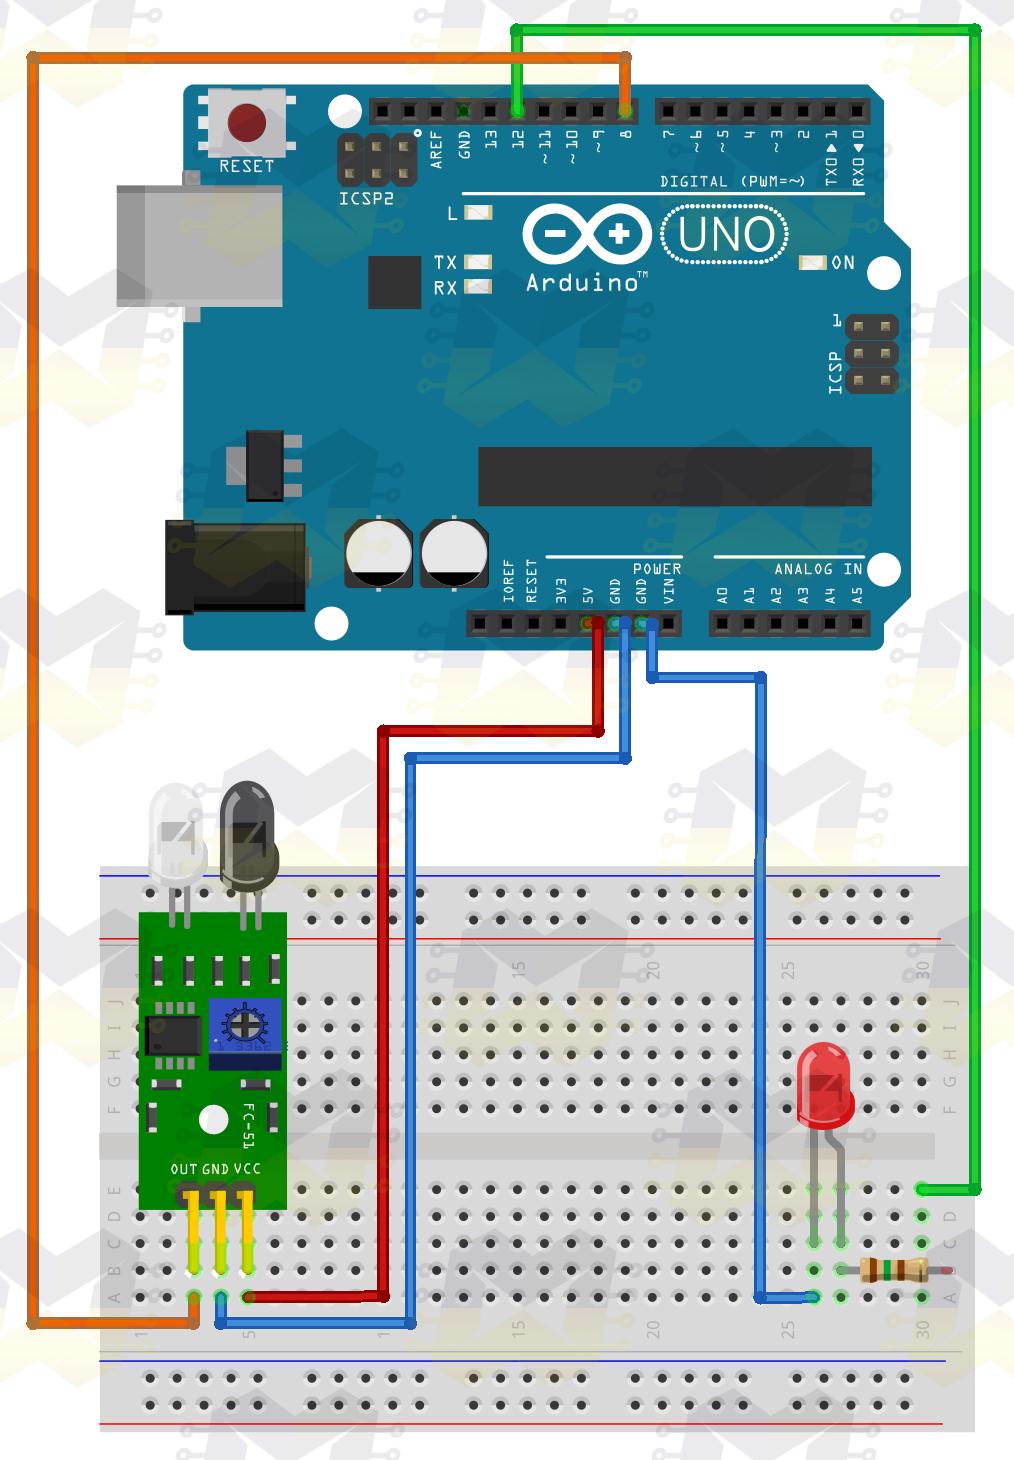 img01_como_usar_com_arduino_sensor_infravermelho_reflexivo_de_obstaculo _robo_robotica_carrinho_objeto_uno_mega